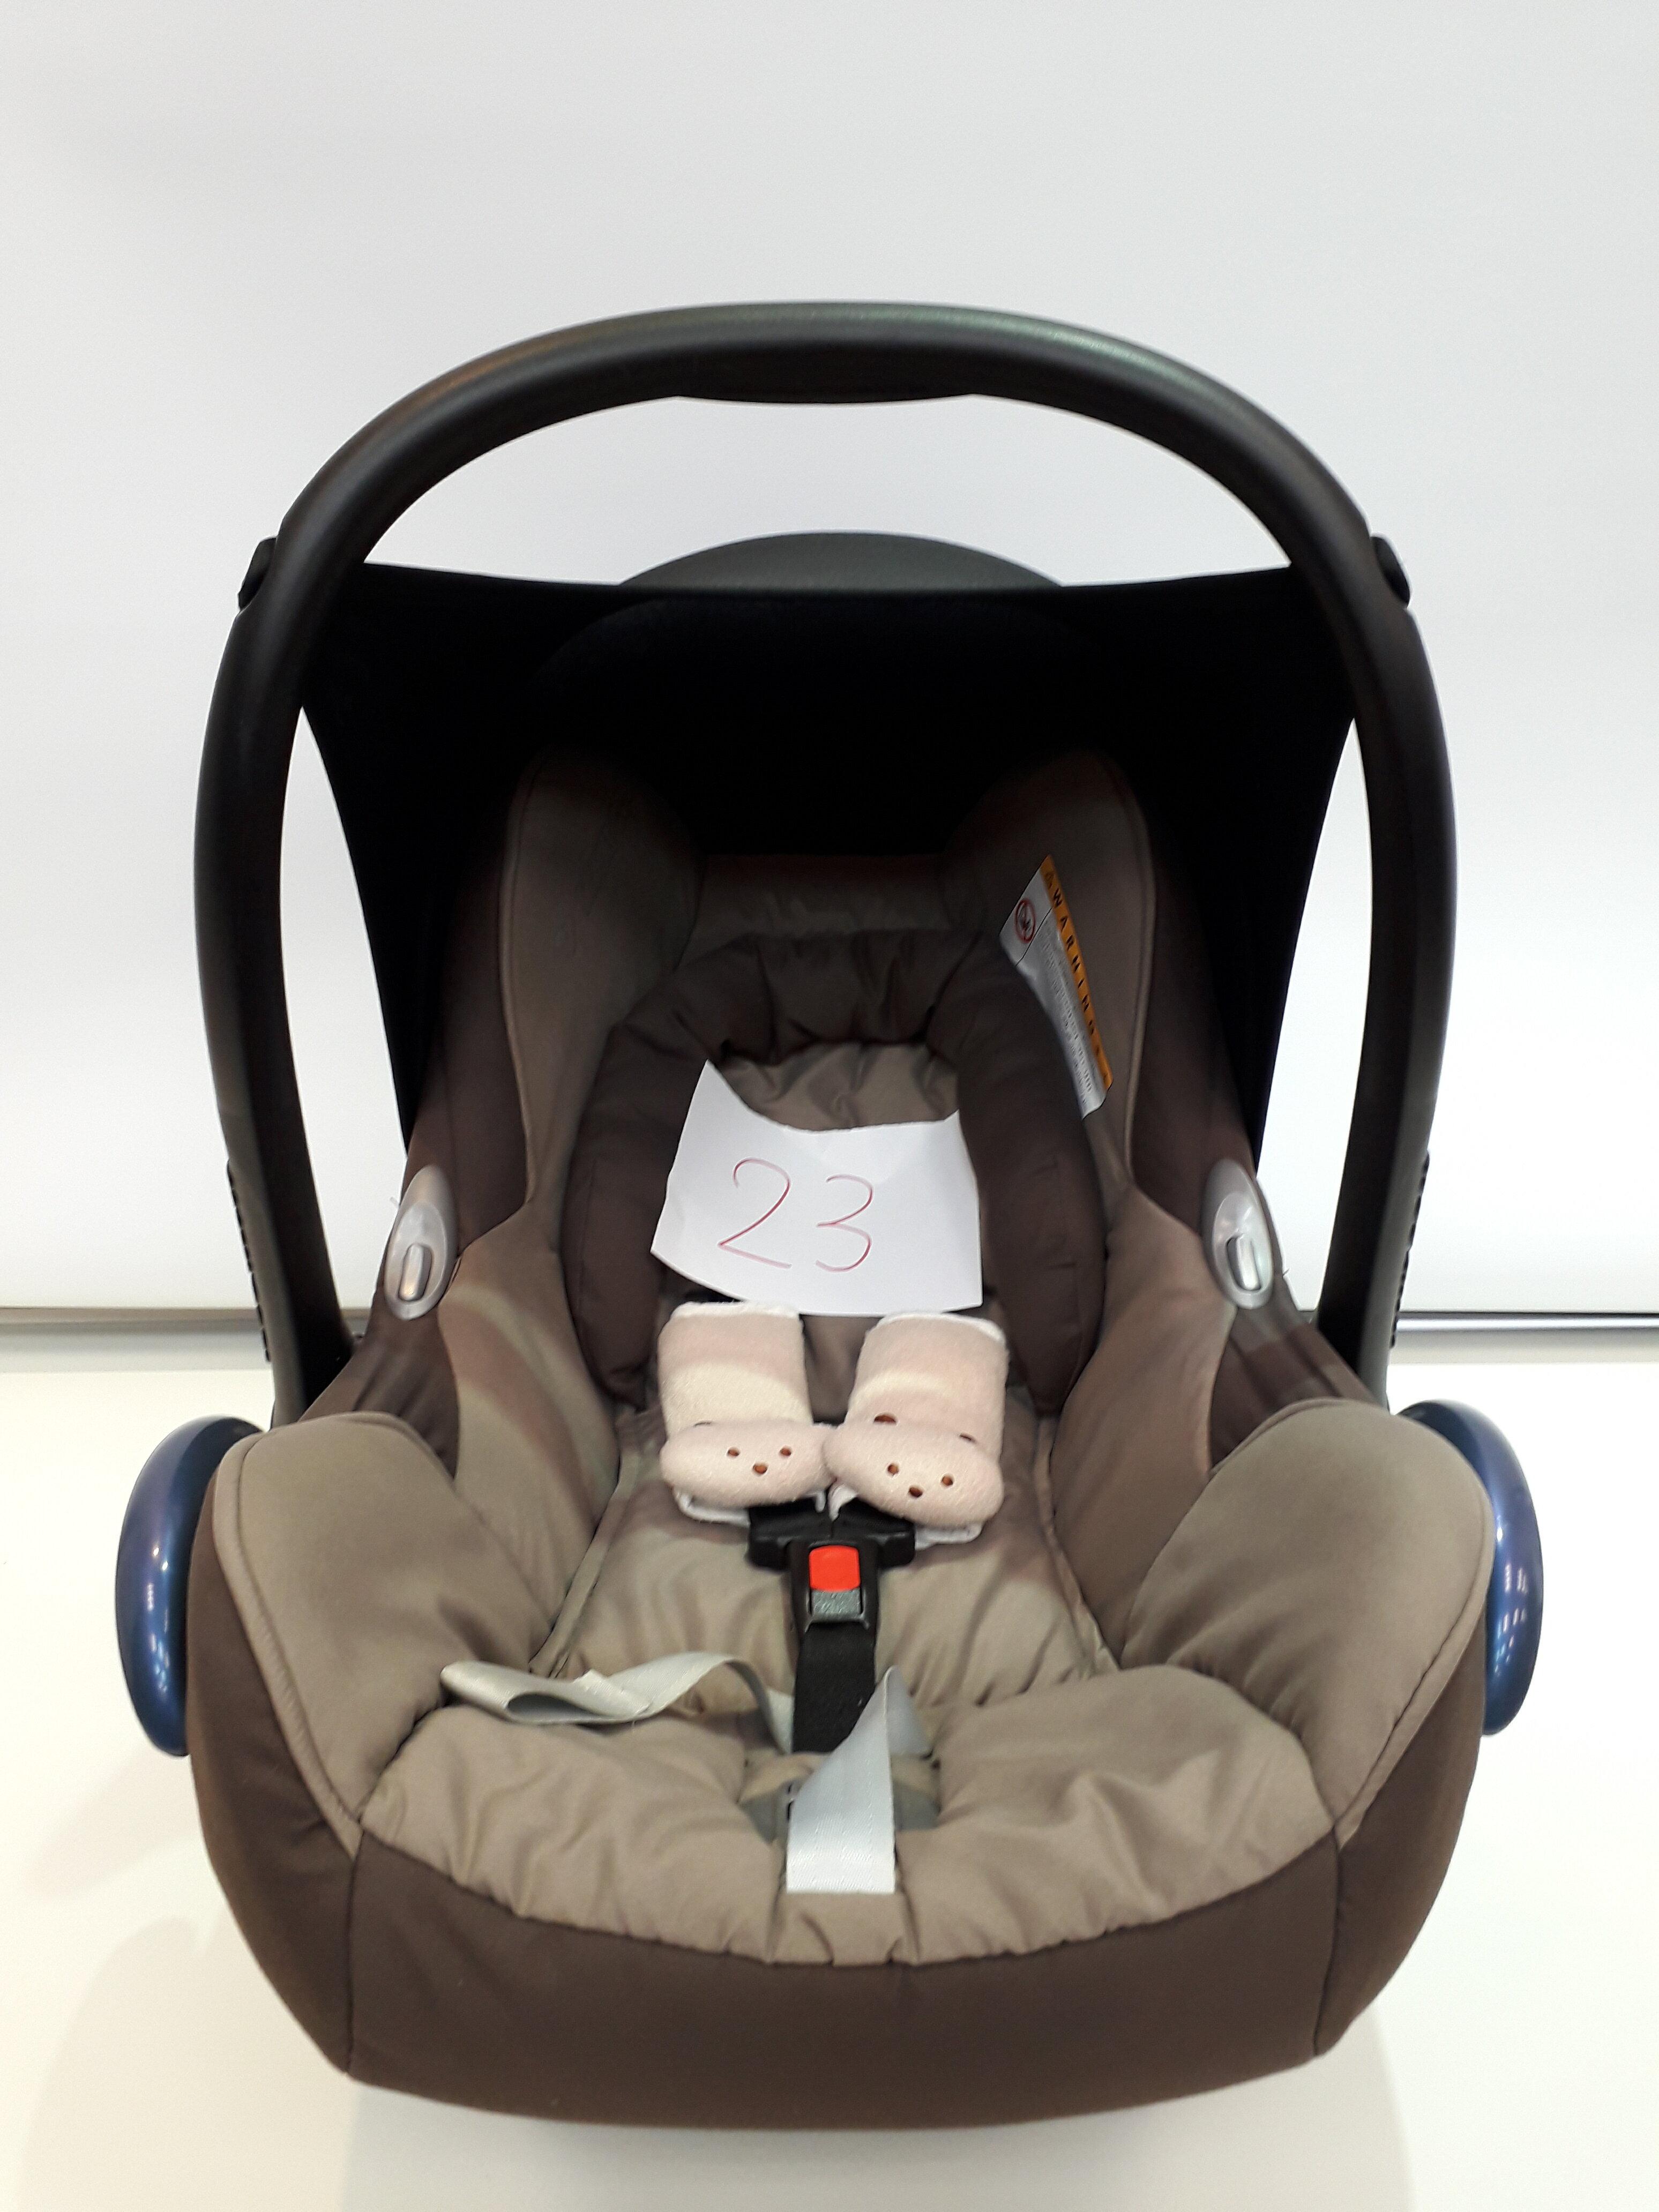 【淘氣寶寶*二手出售】編號23 荷蘭 Maxi Cosi Cabriofix 提籃汽座安全提籃/座椅